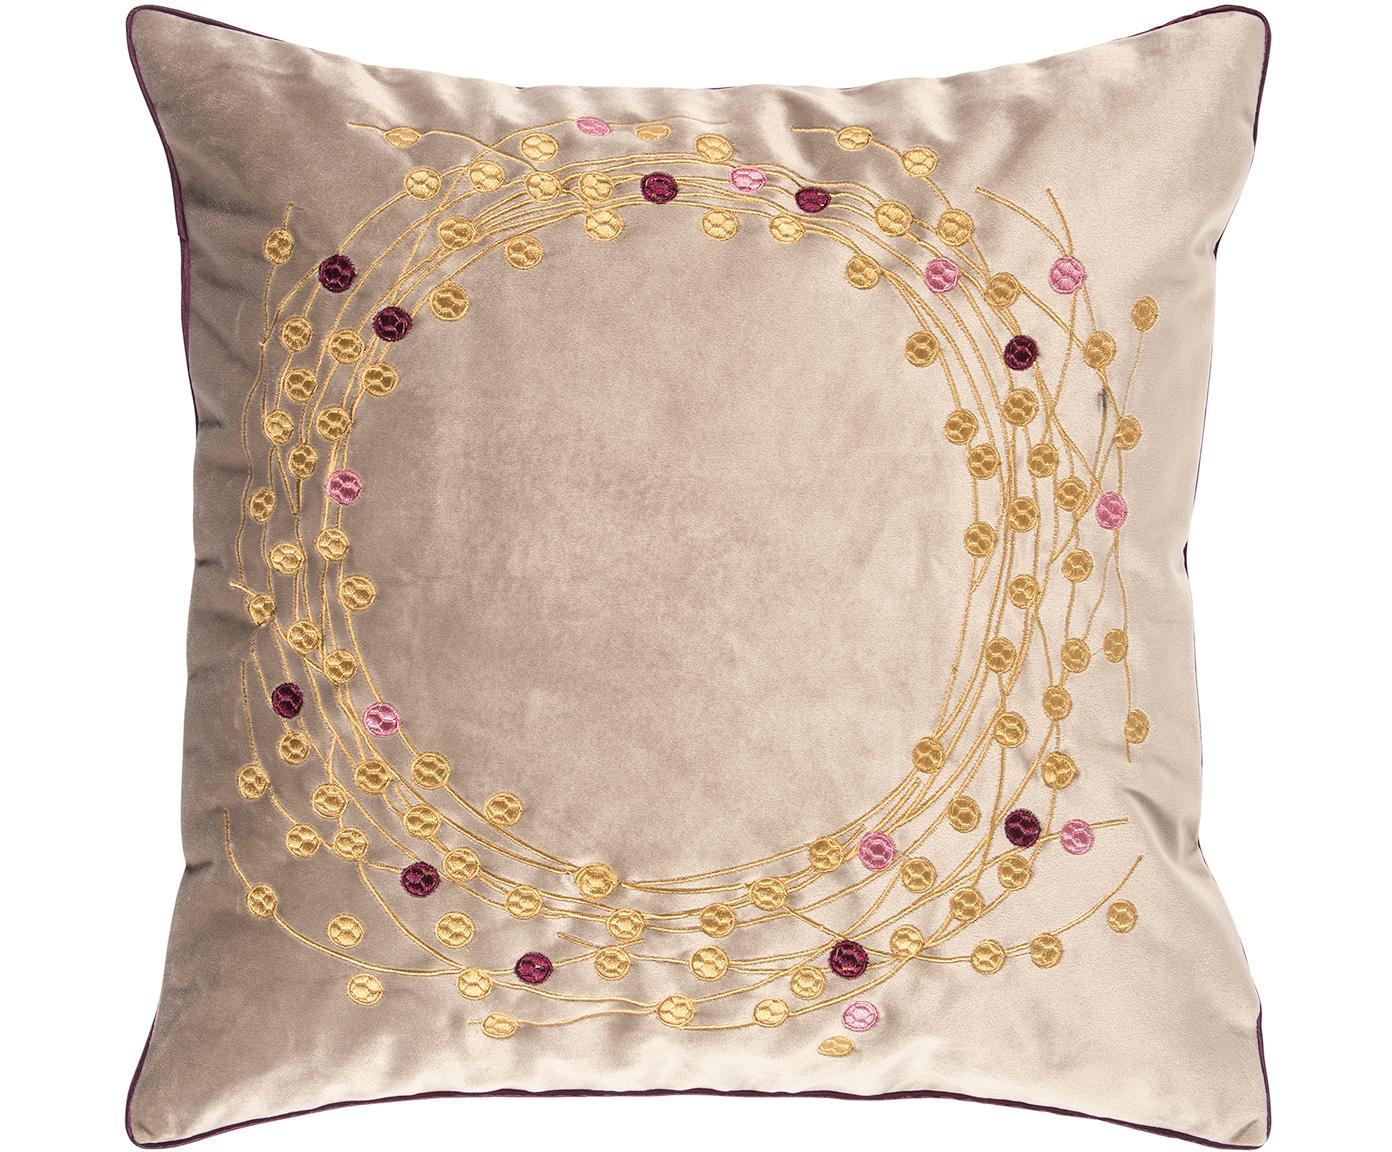 Federa arredo in velluto Circle, Velluto di poliestere, Sabbia, dorato, Larg. 45 x Lung. 45 cm